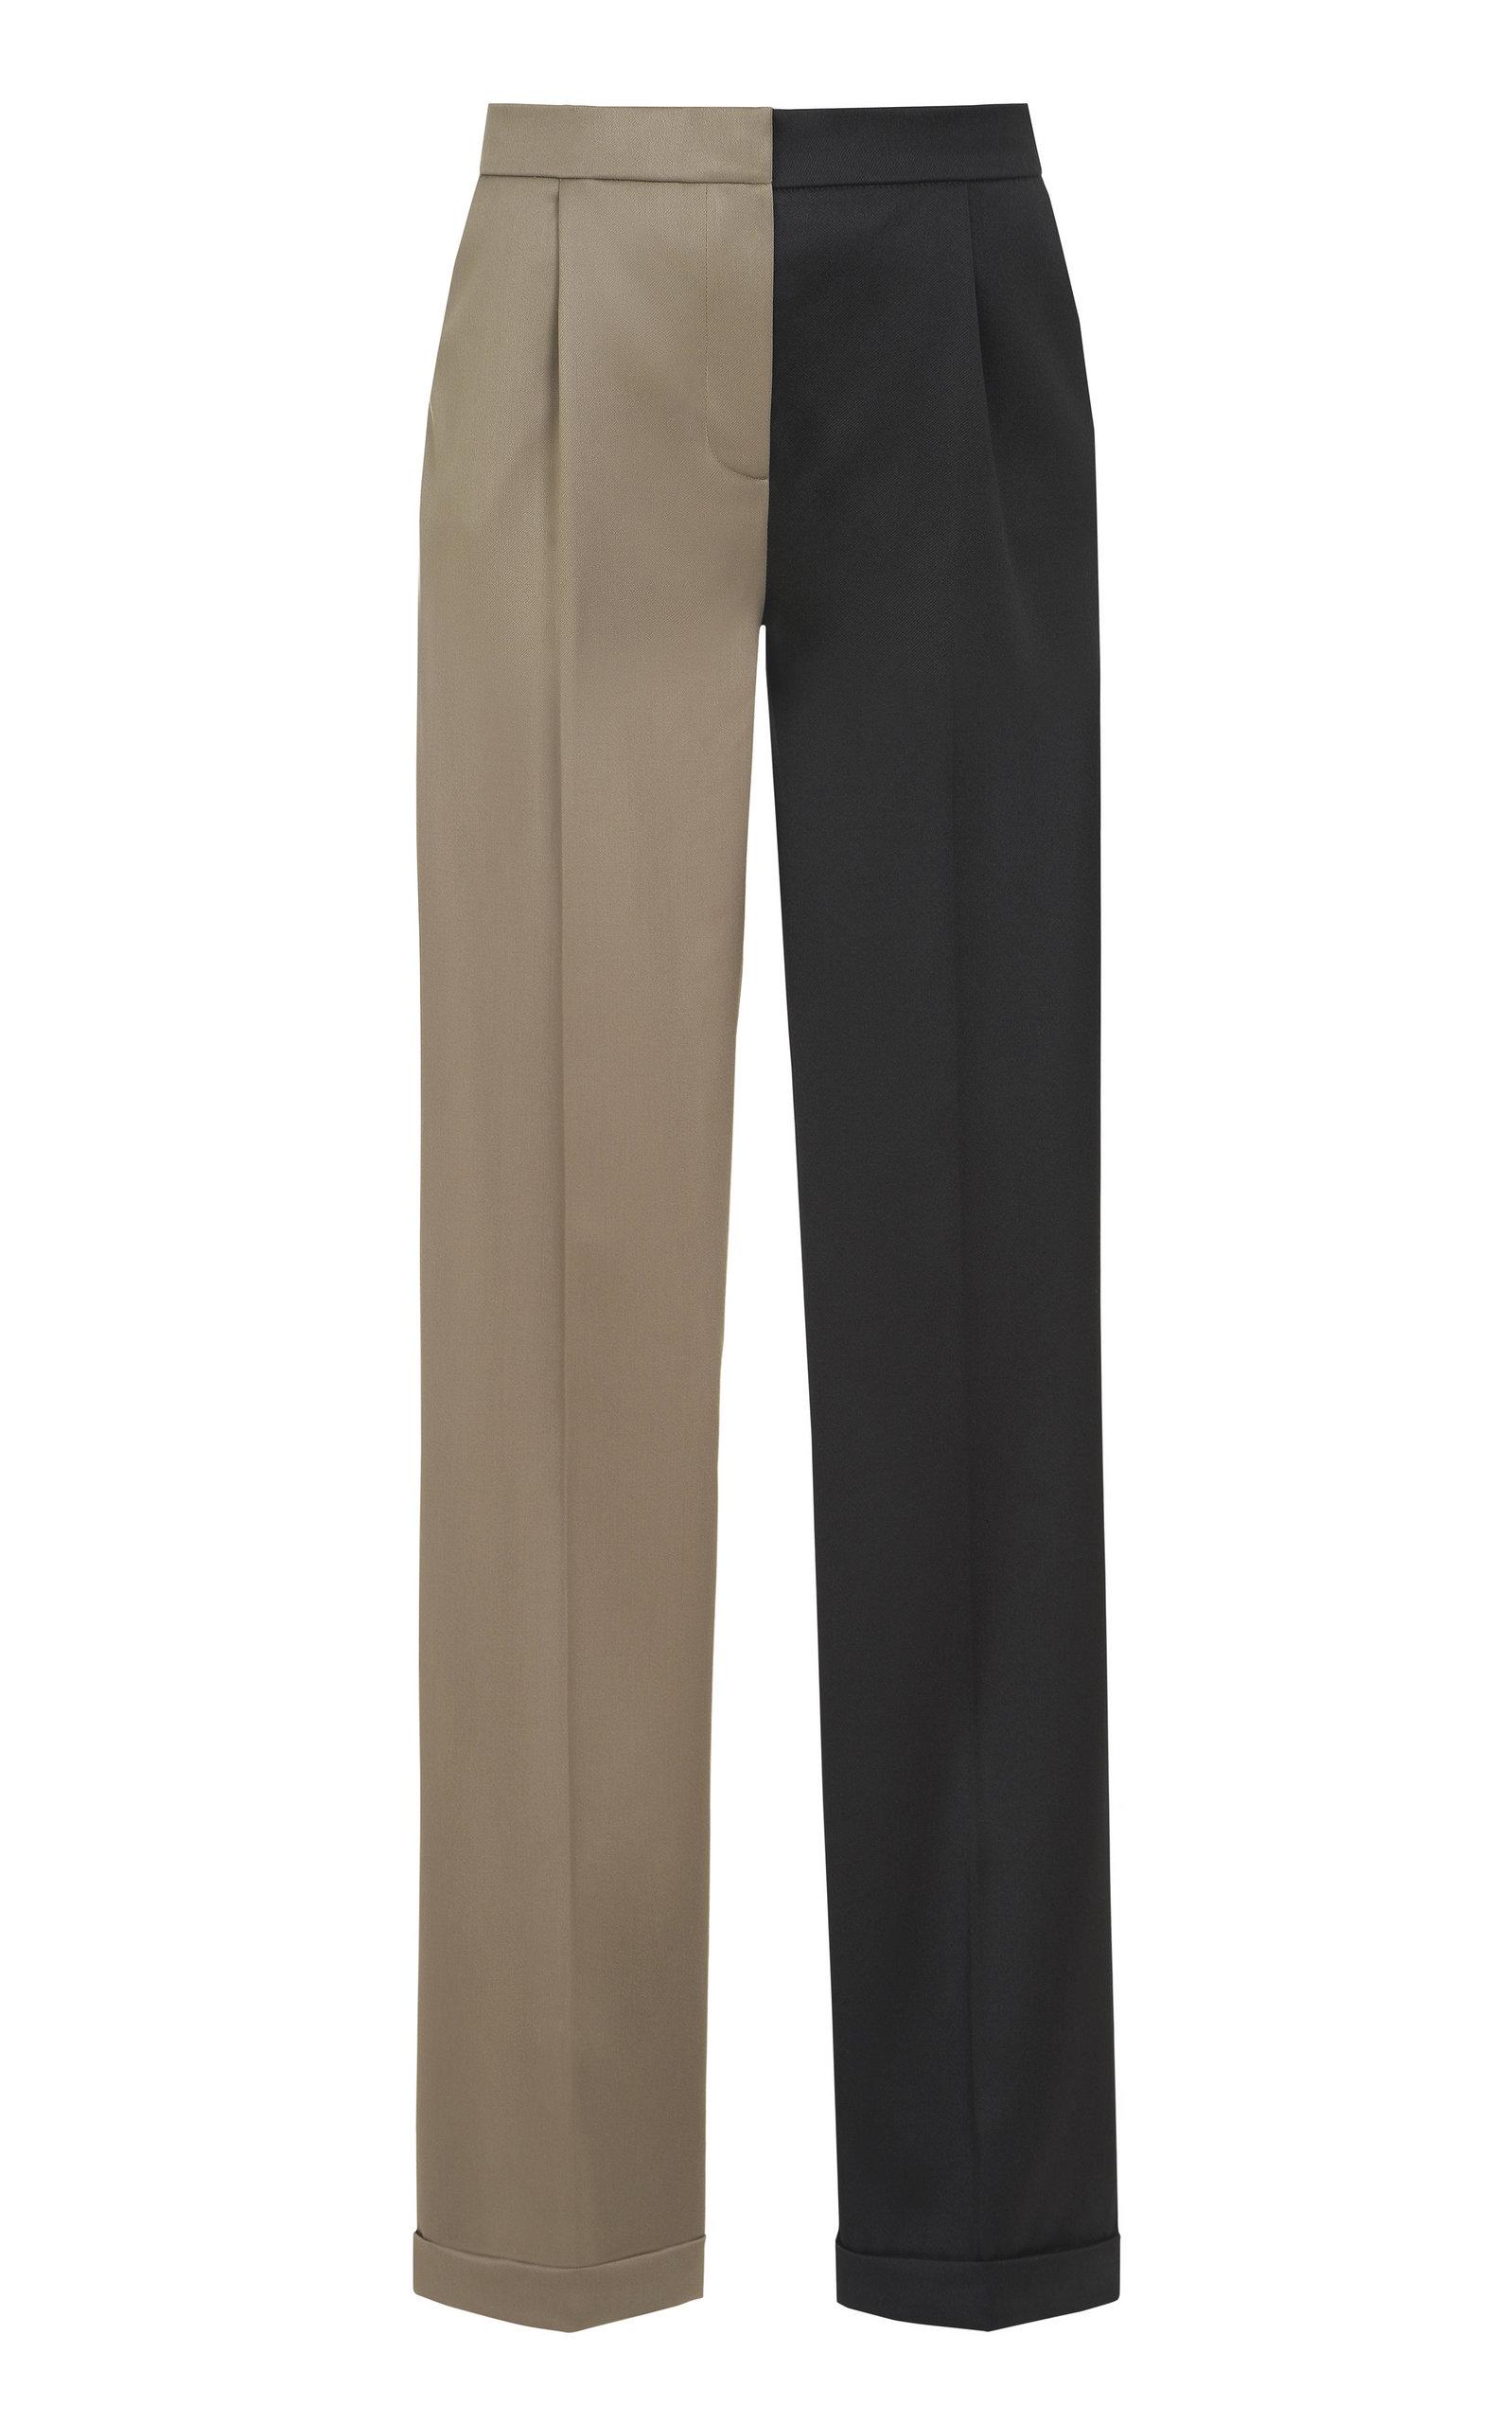 Women's Wool Wide-Leg Pants